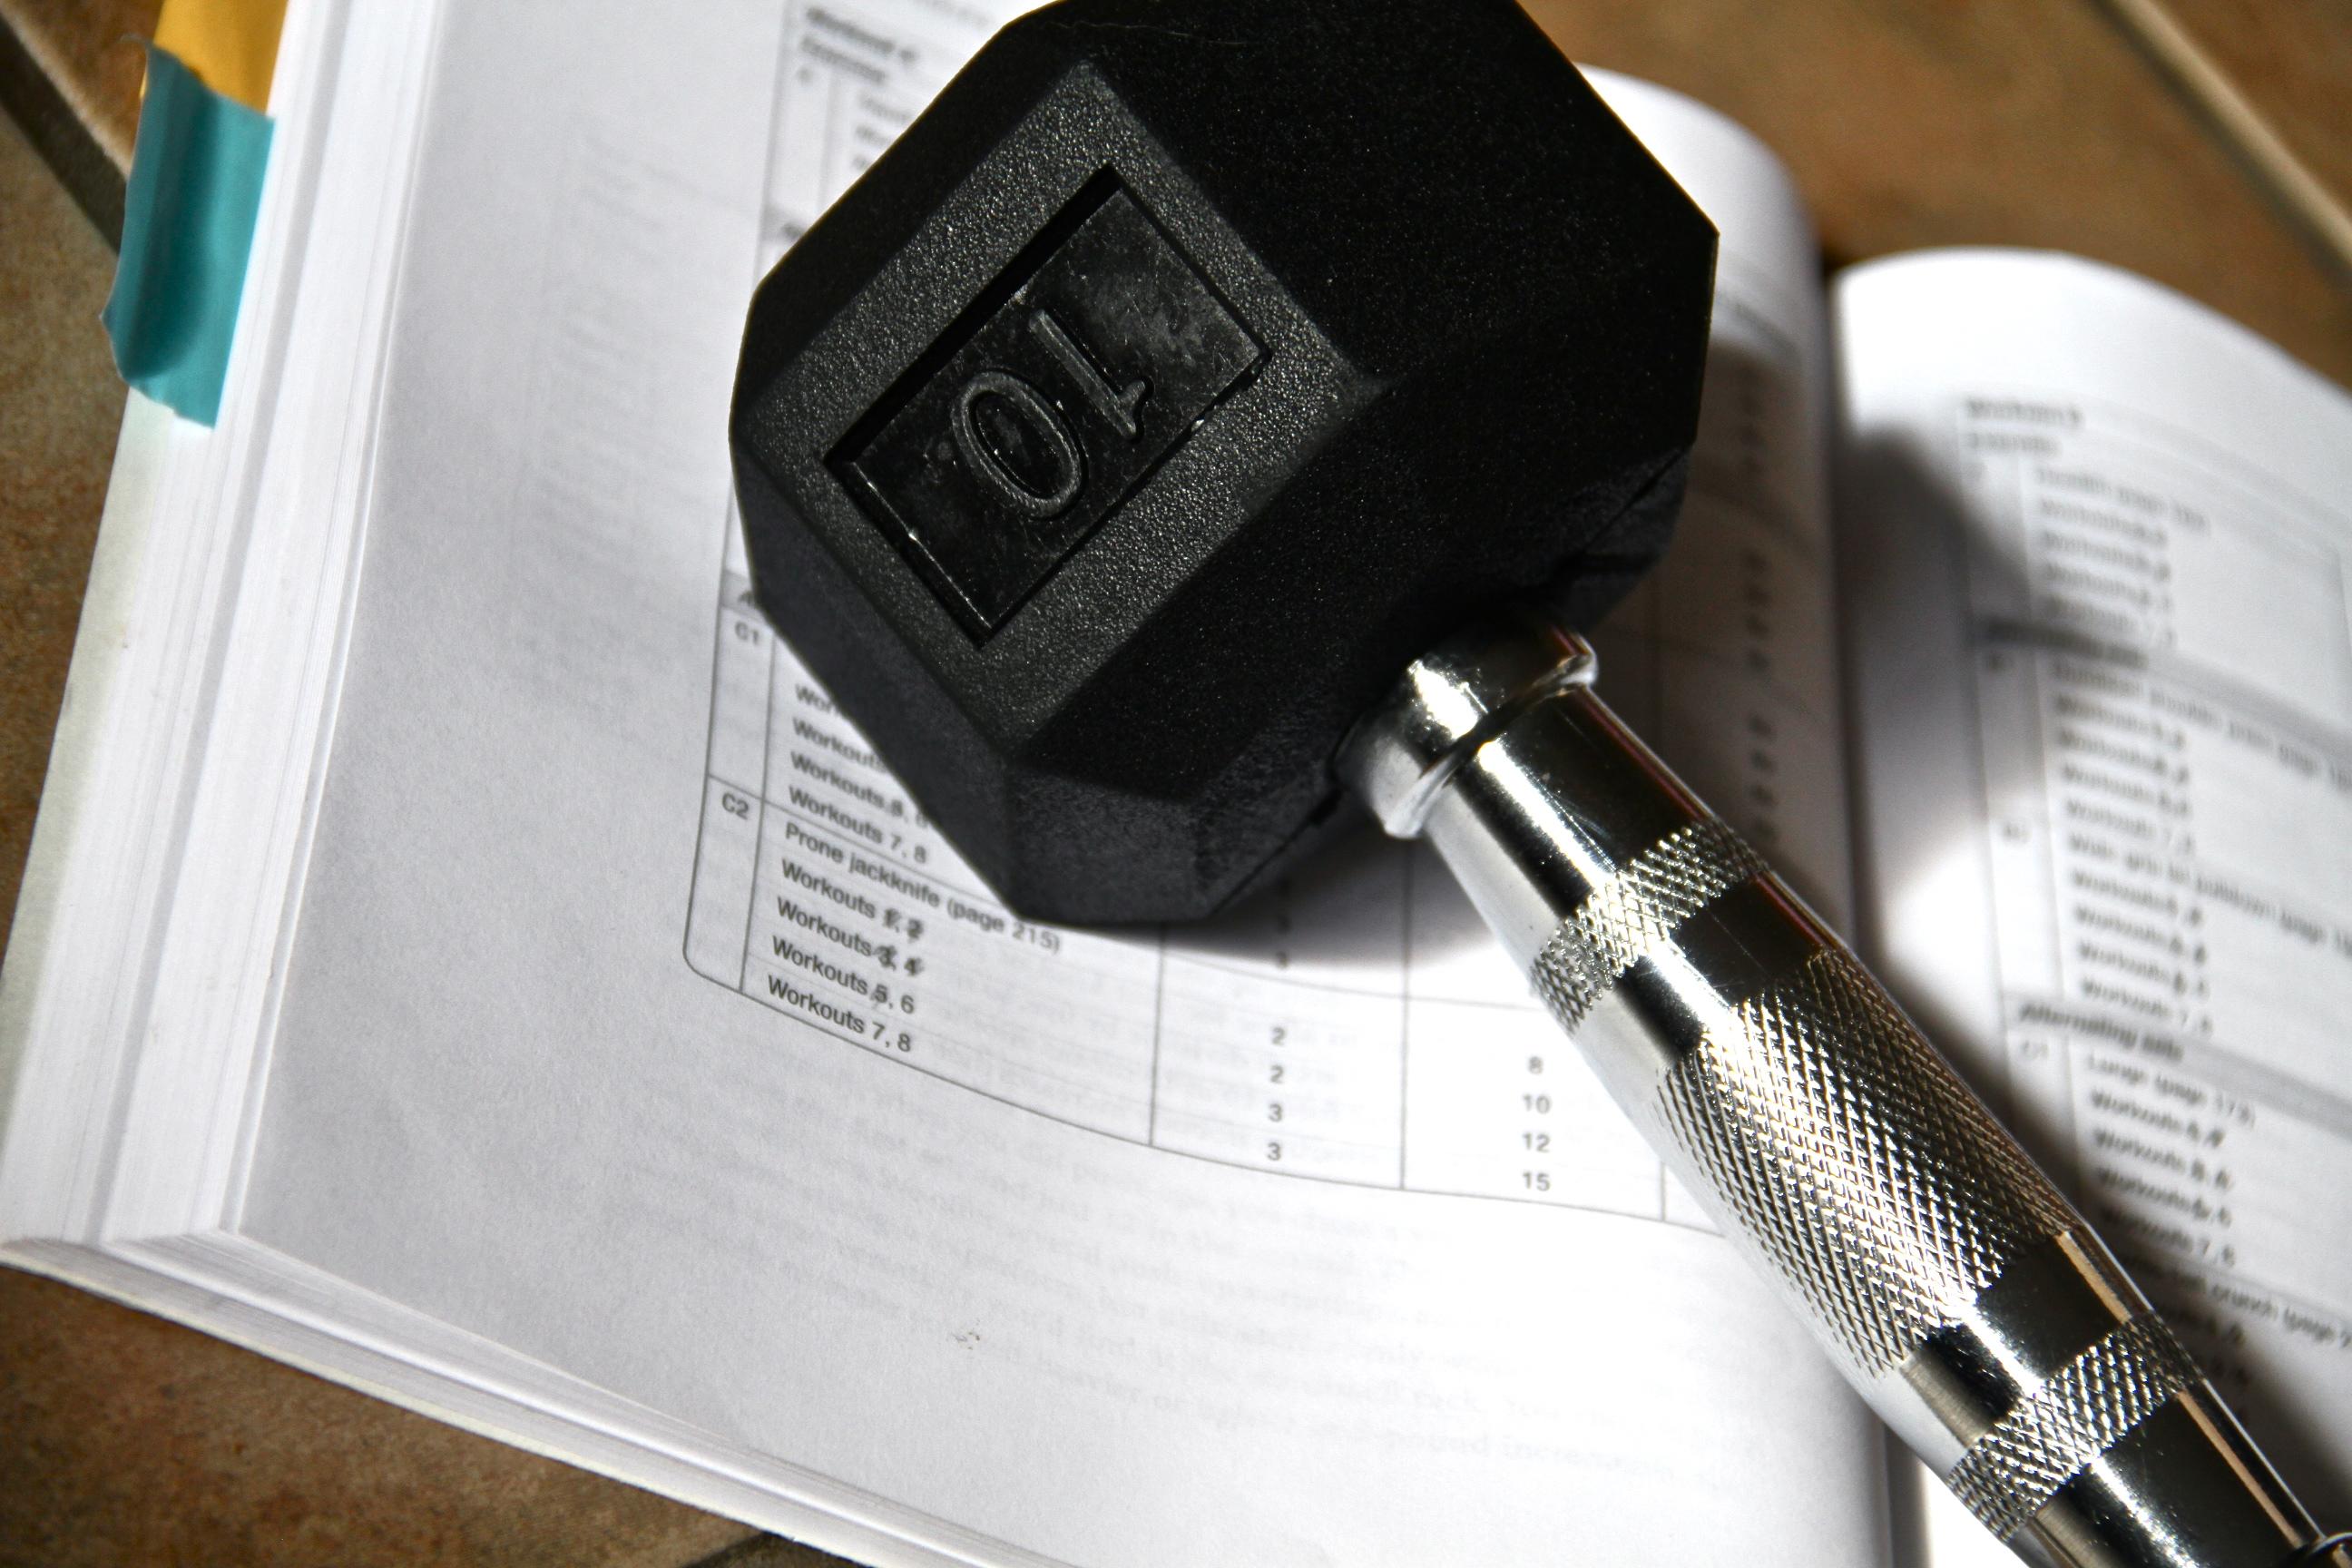 Rockin' Weights Workout